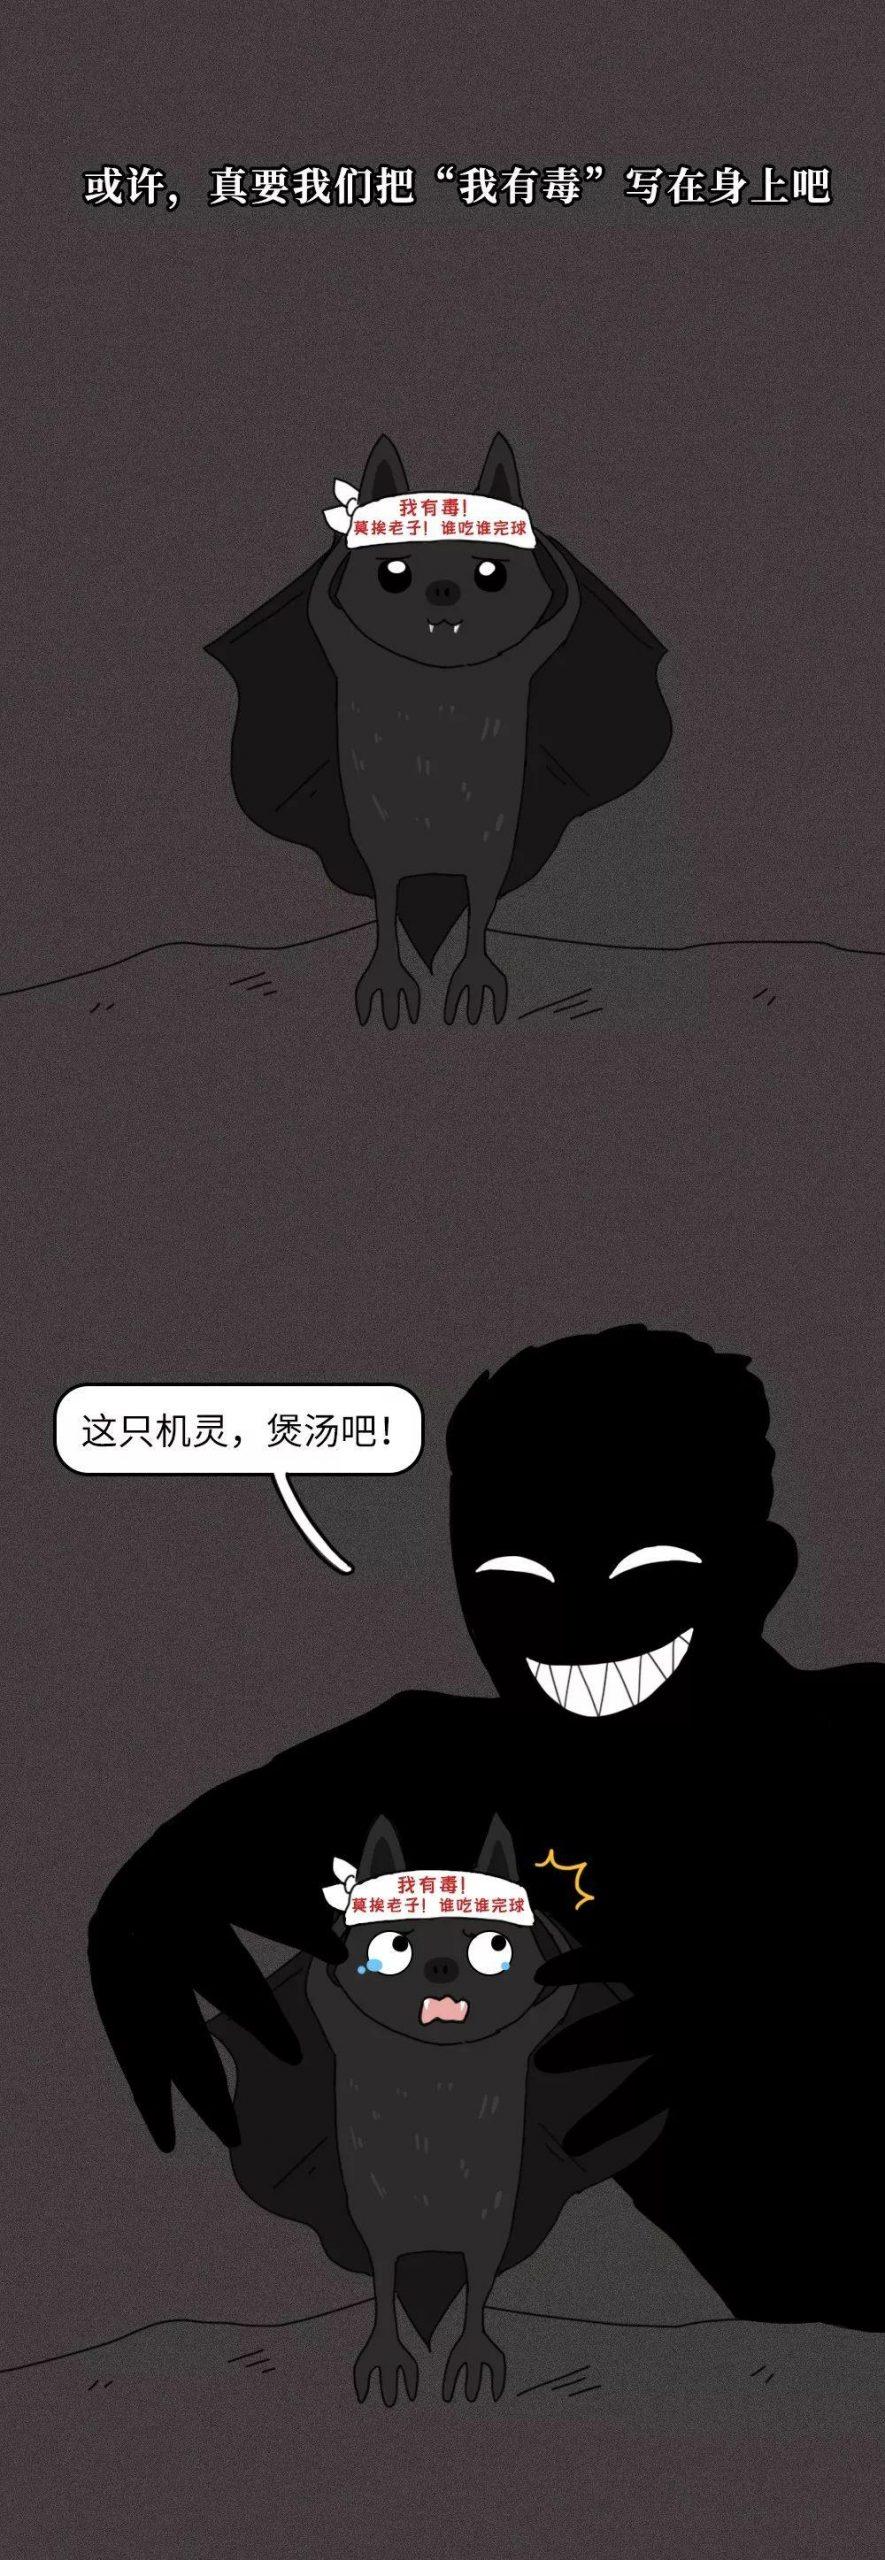 一只蝙蝠的自述在朋友圈火了:千 万 不 要 吃 野 味 !